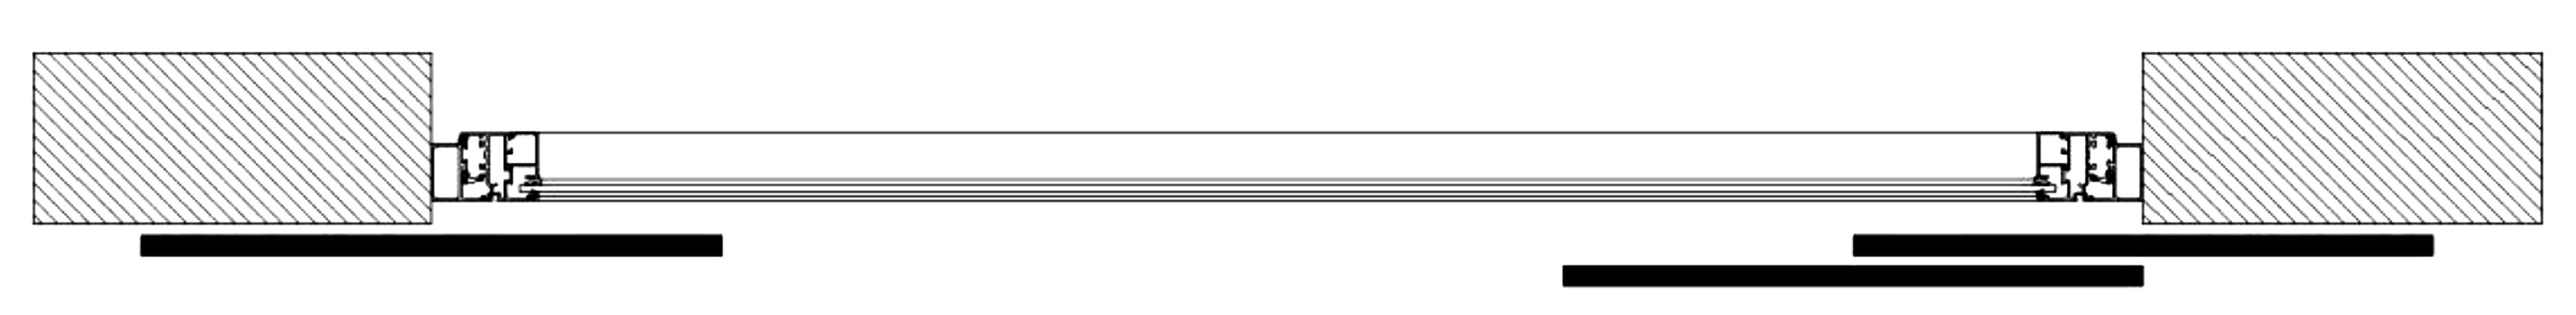 Sliding Shutters Division Diagram 3l1l2r